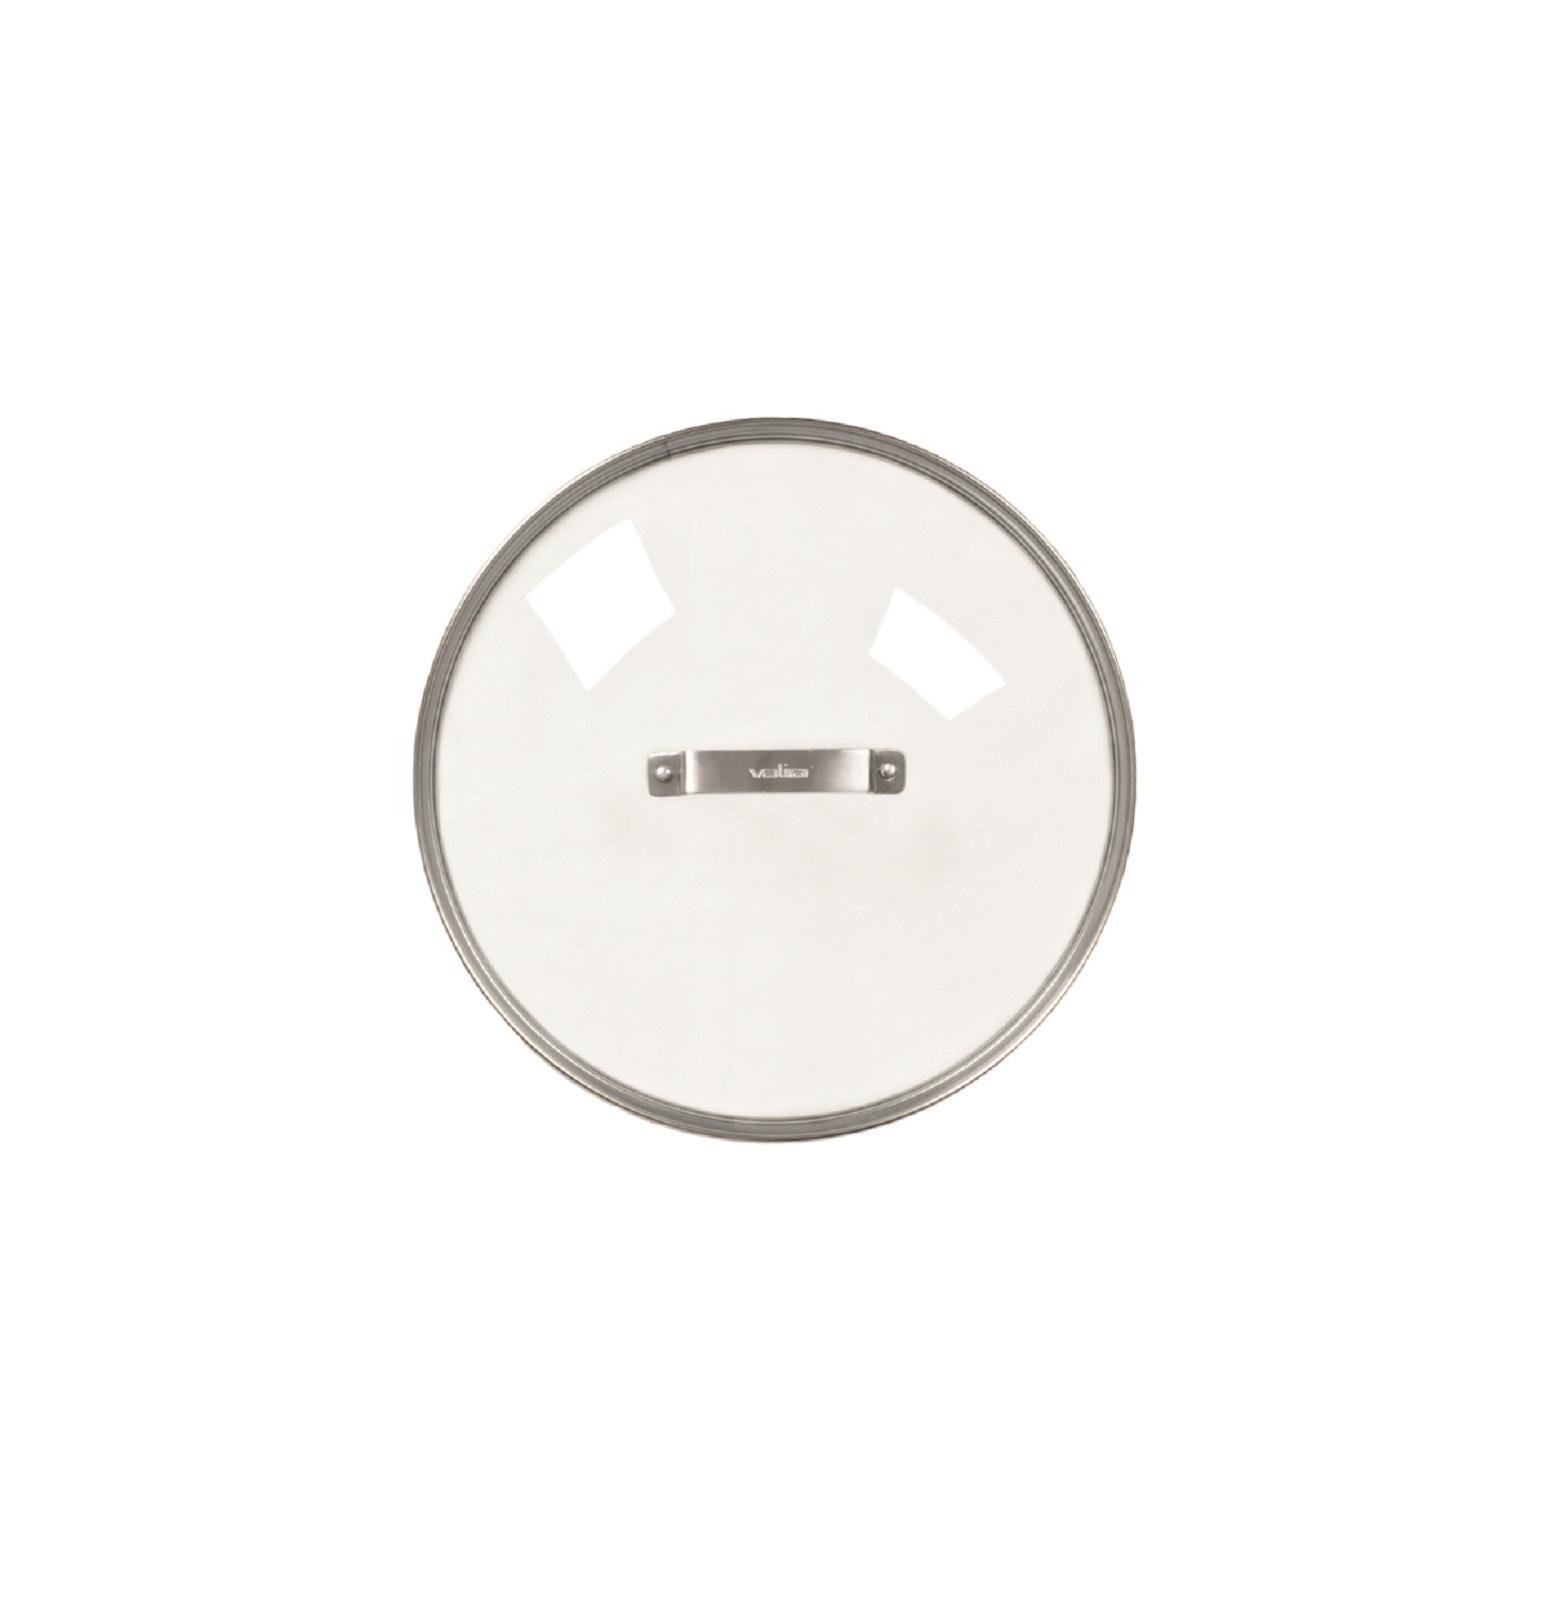 Онлайн каталог PROMENU: Крышка стеклянная Valira AIRE, диаметр 28 см  4910/